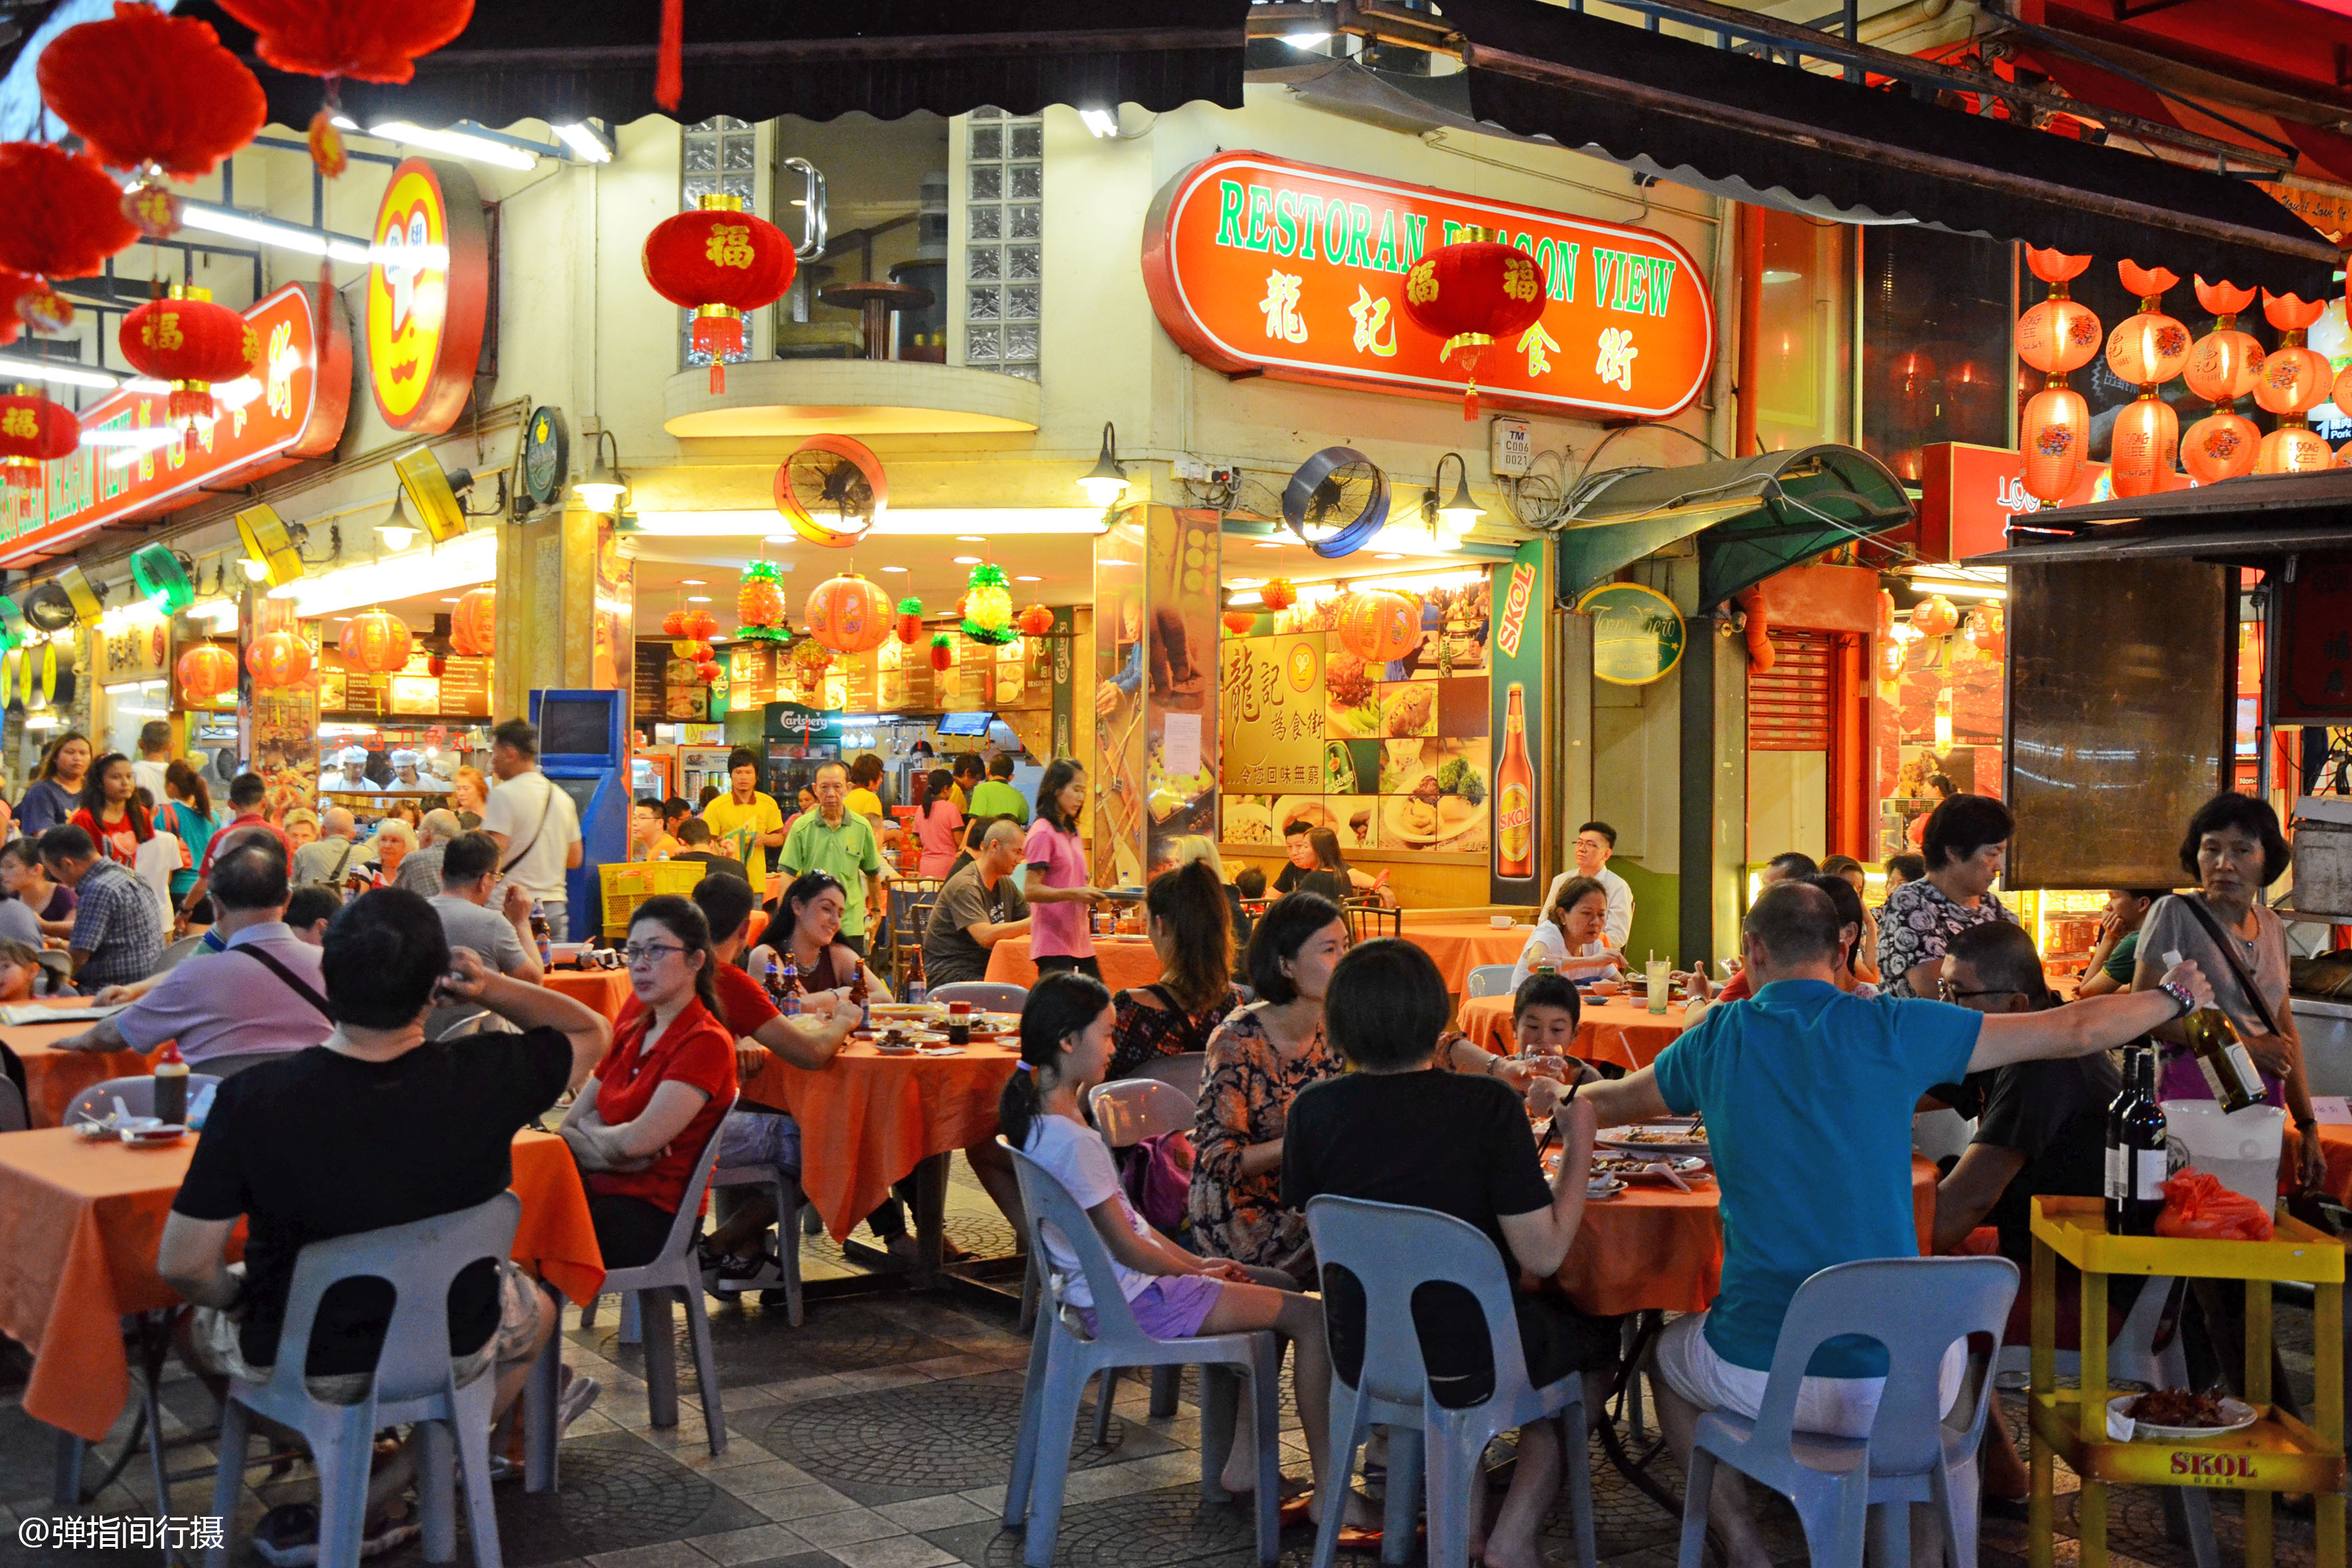 原创             马来西亚最火的夜市,春节美食大排档人满为患,感觉像在广州街头